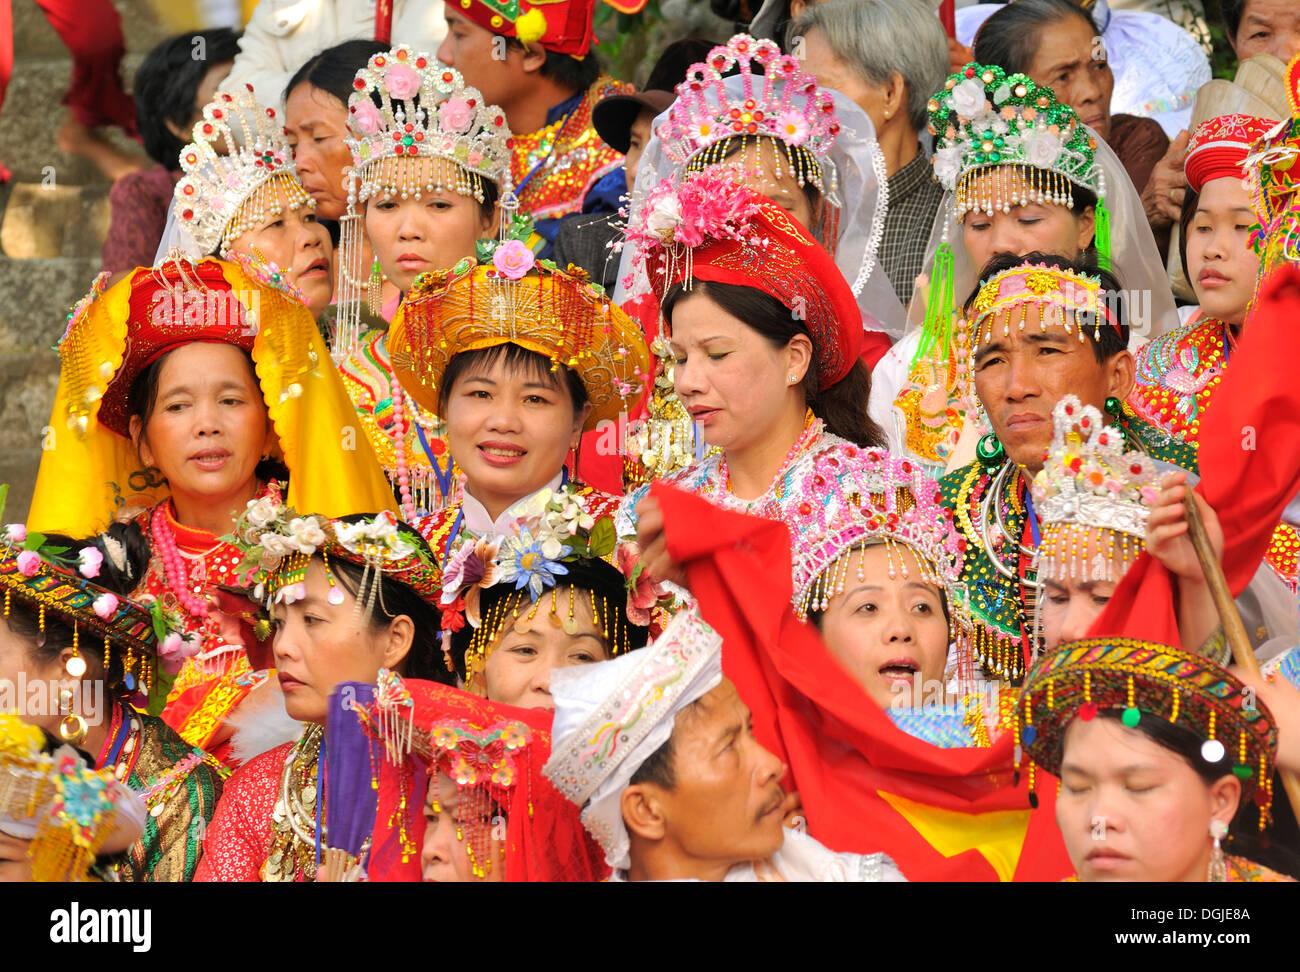 Traditionell gekleideten Zuschauern auf dem wichtigsten Festival von Cham, Po Nagar Tempel, Nha Trang, Vietnam, Südostasien Stockbild